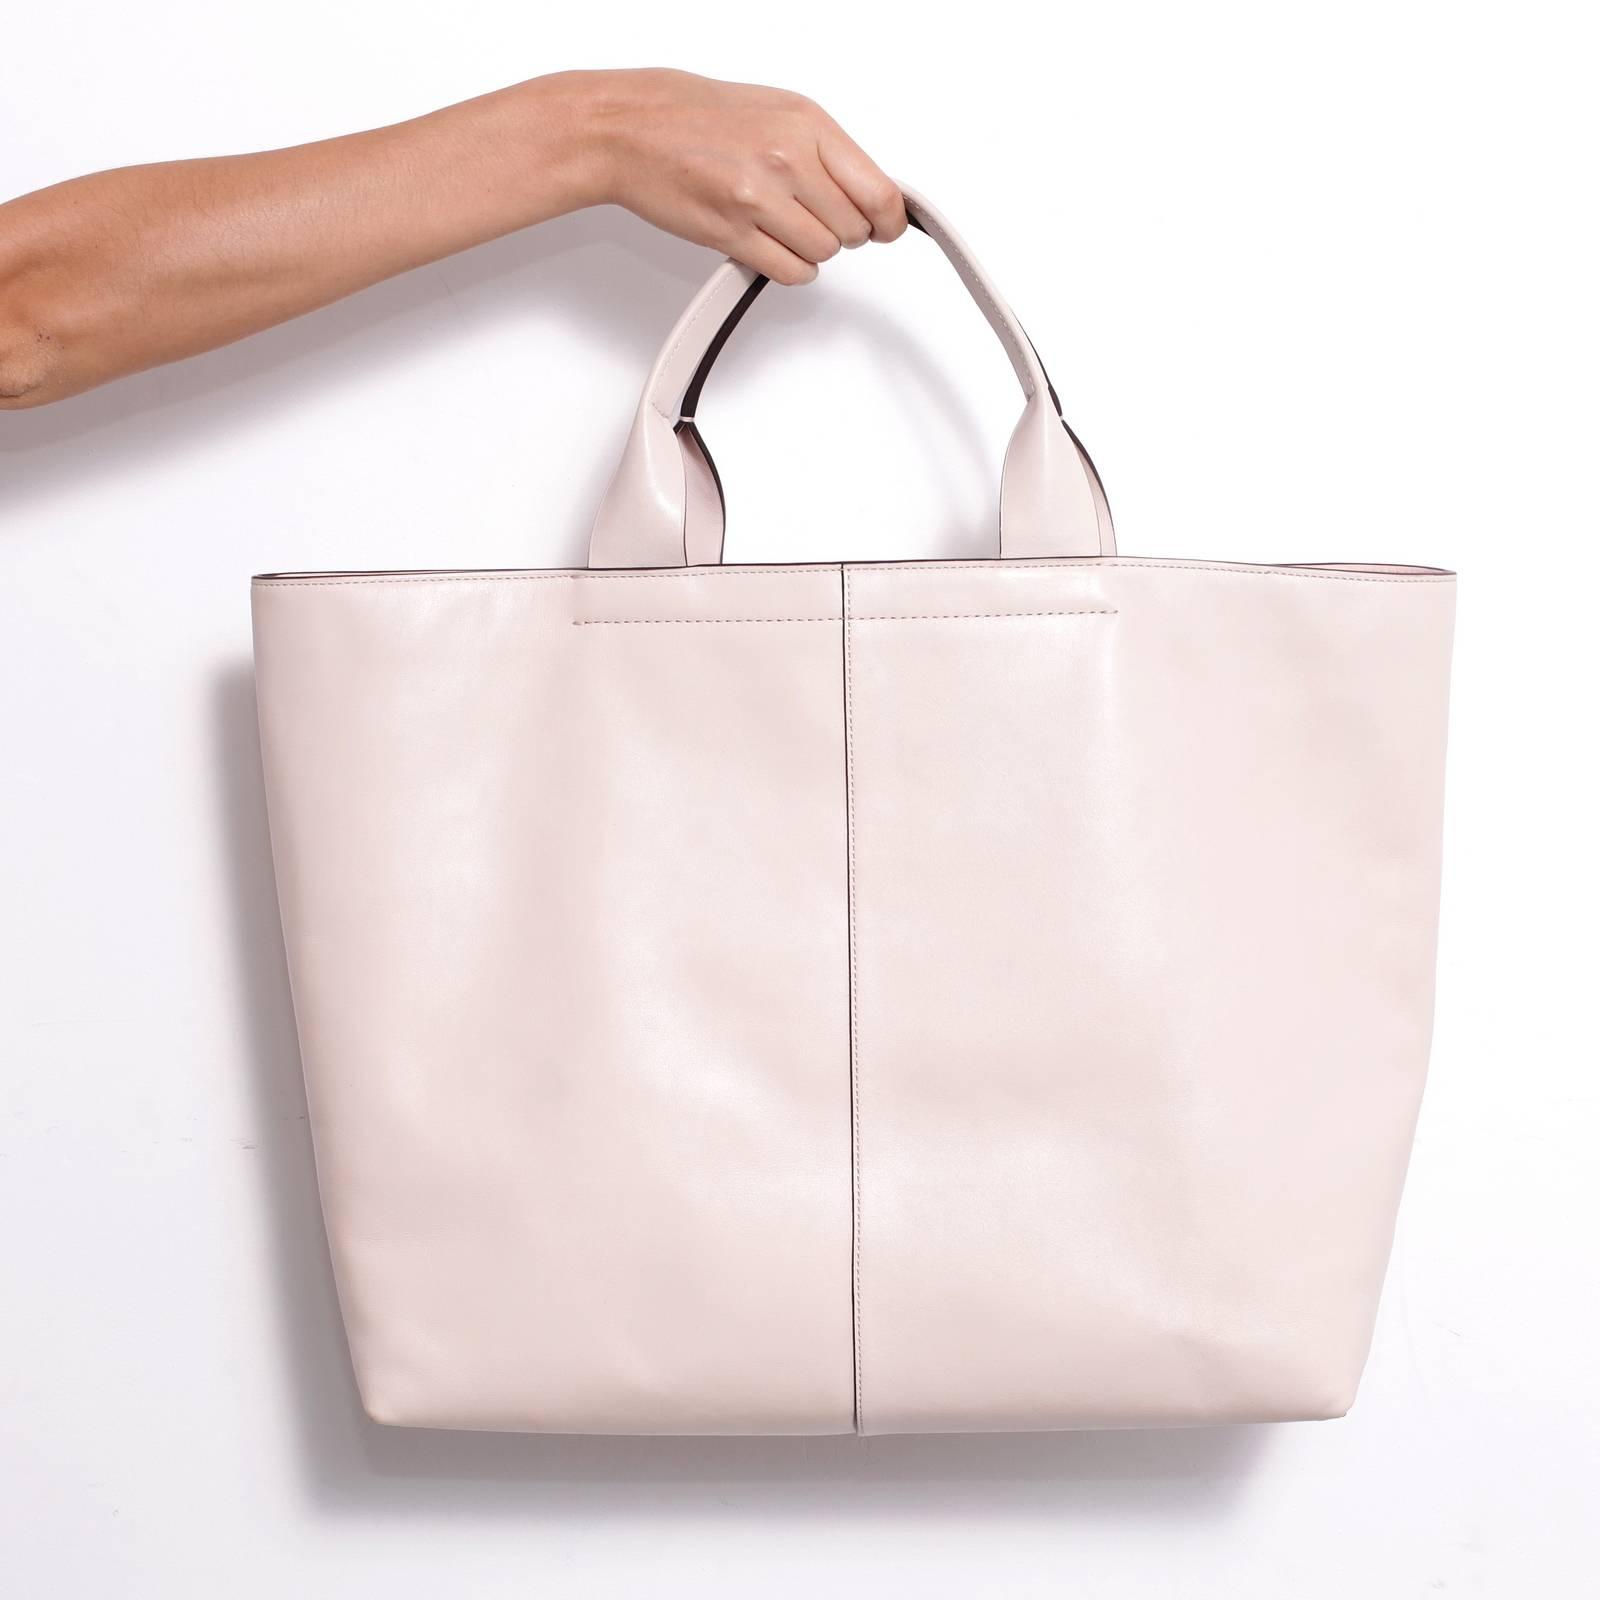 Celine сумки подделка